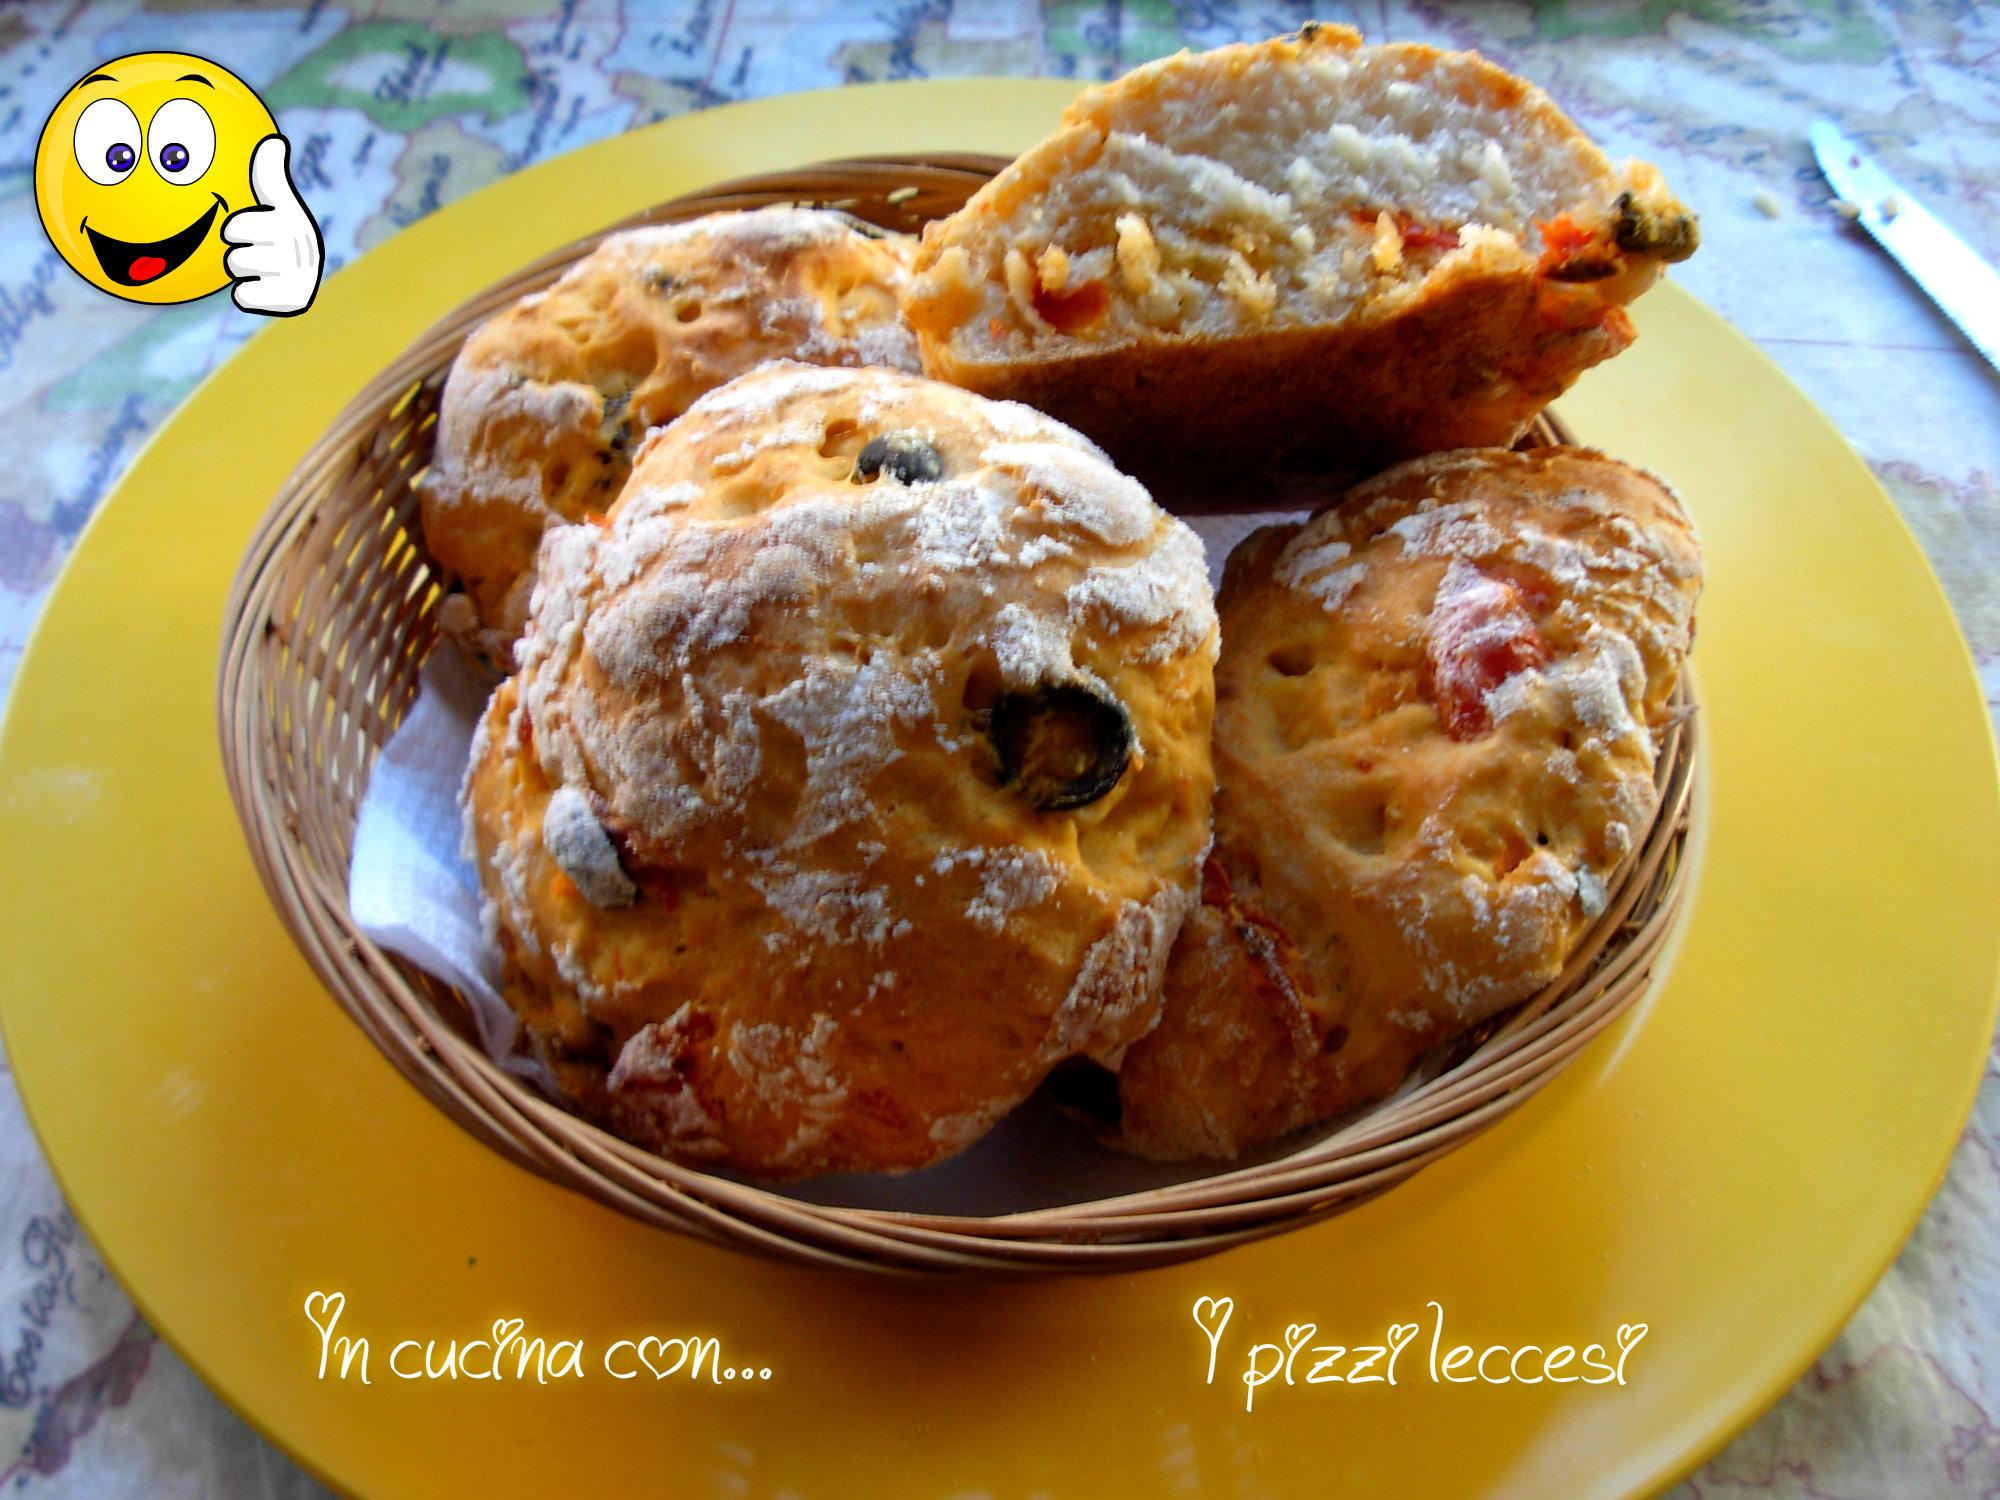 Pizzi leccesi ricetta forno in cucina con marta maria for Cosa vuol dire forno statico